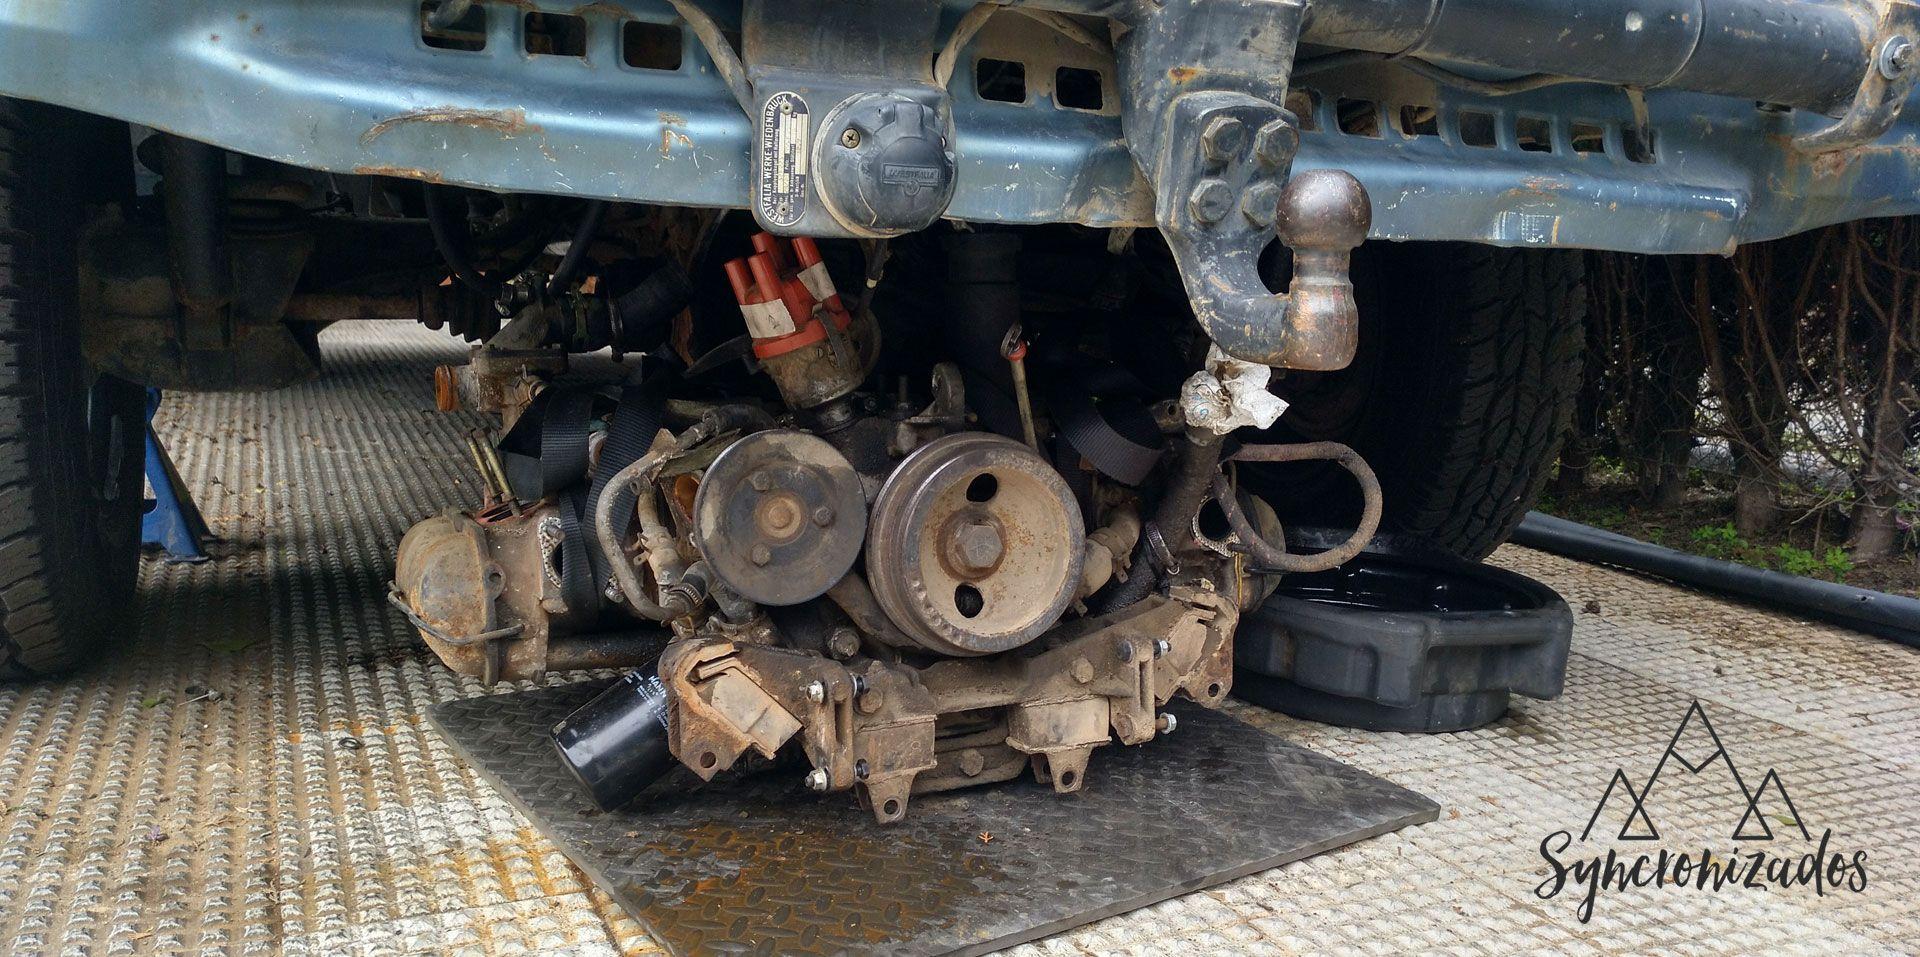 Motor en el suelo